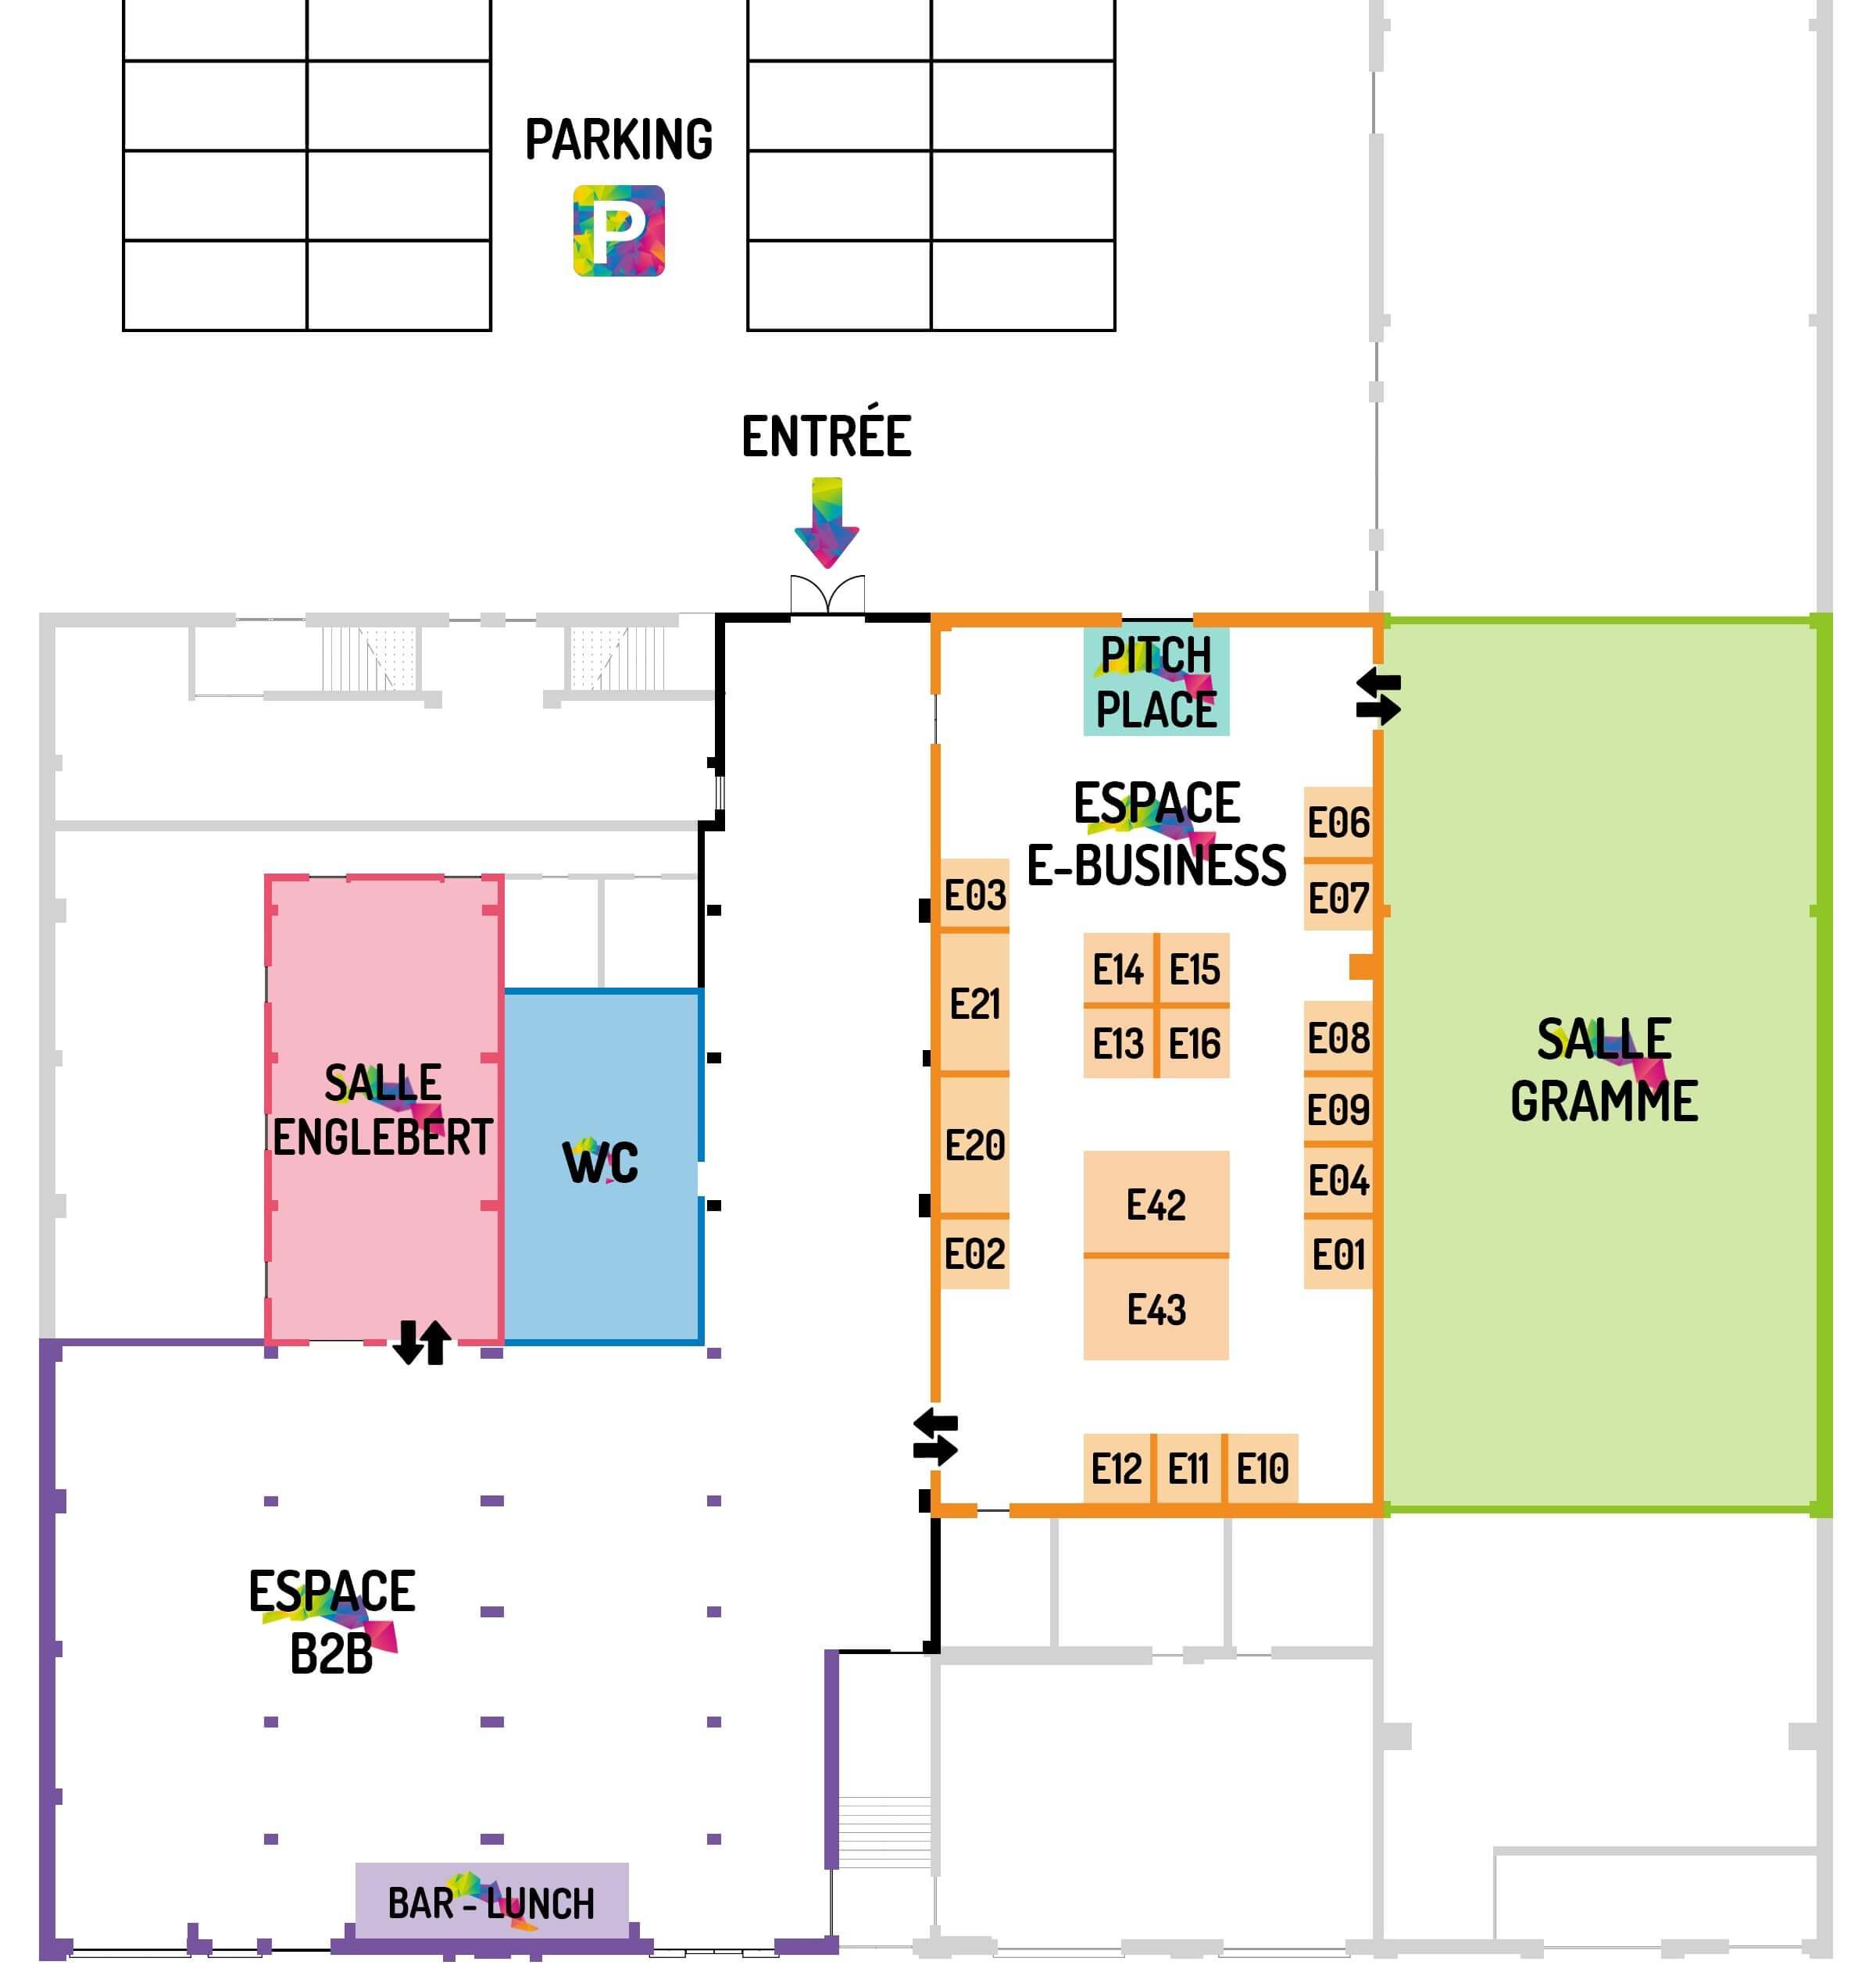 E-FORUM 2017 - Plan de l'événement